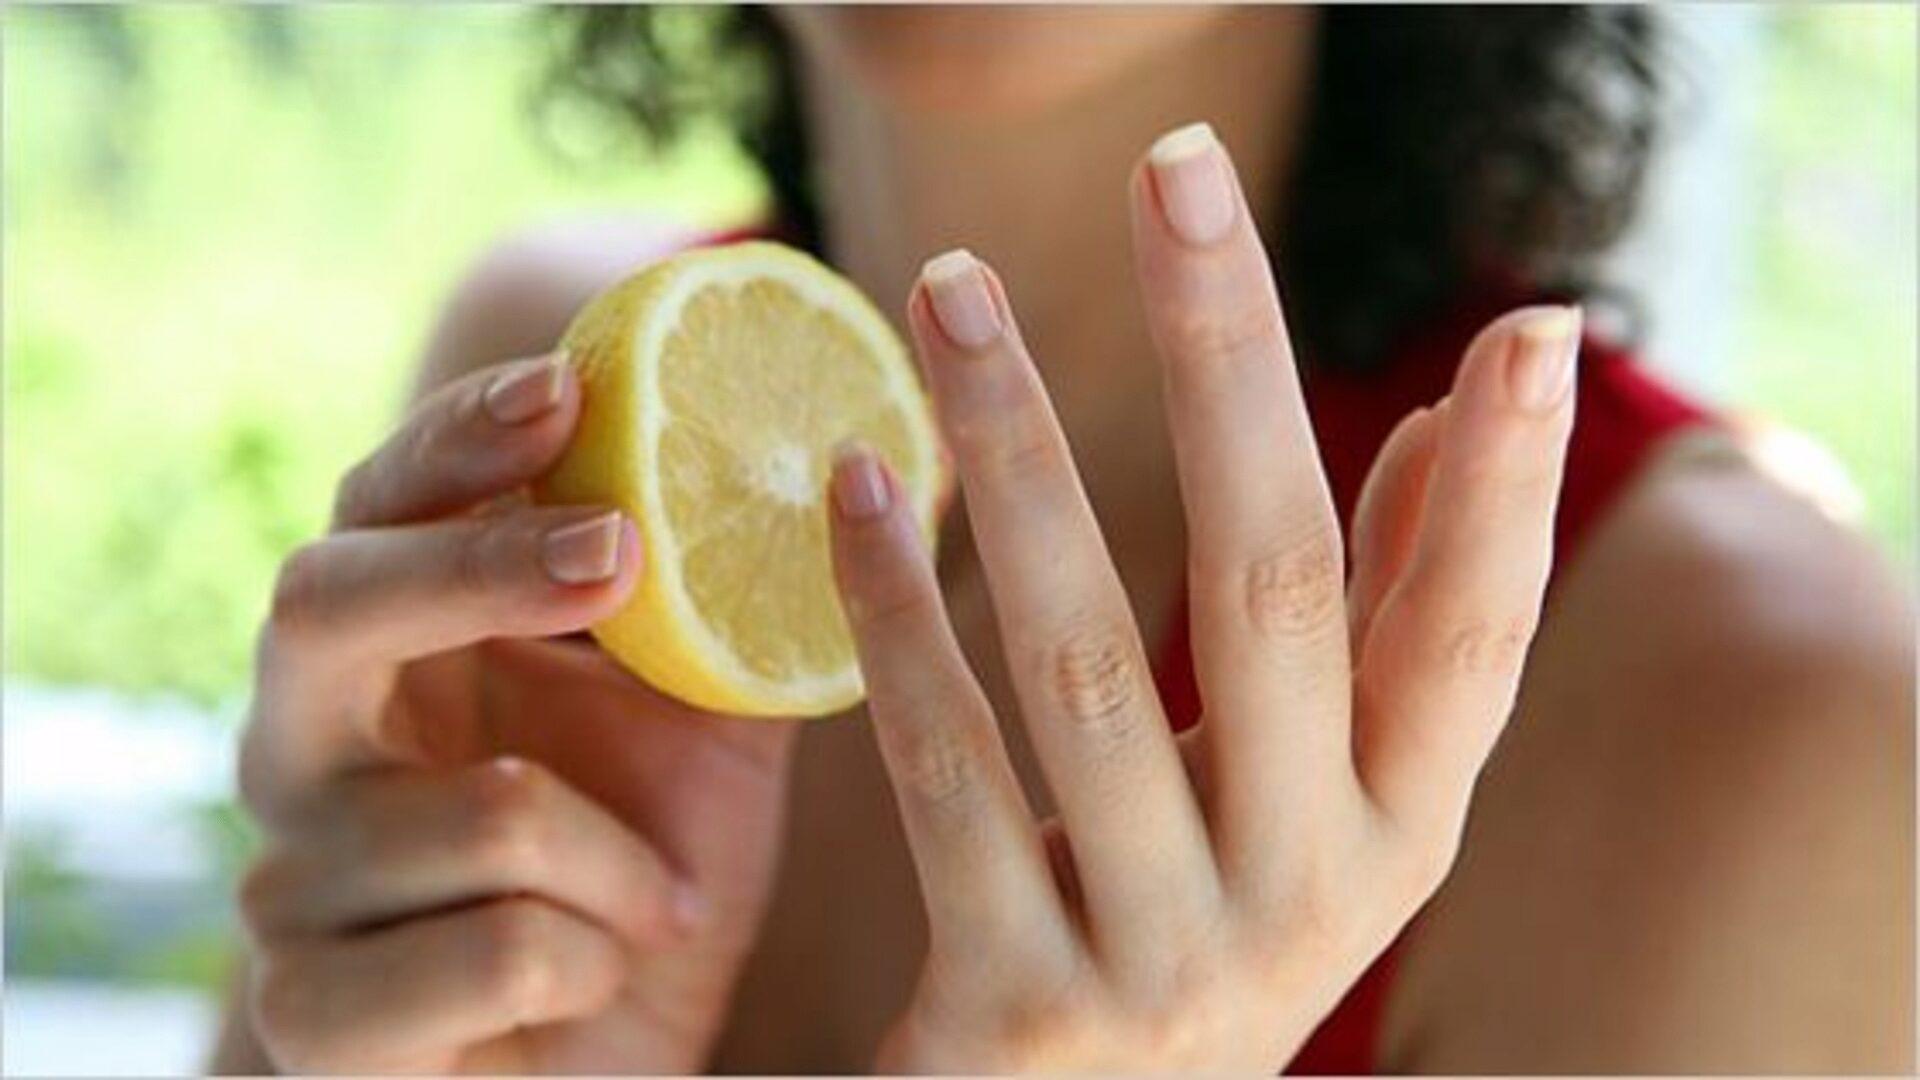 Лимон хорошо отбеливает ногти